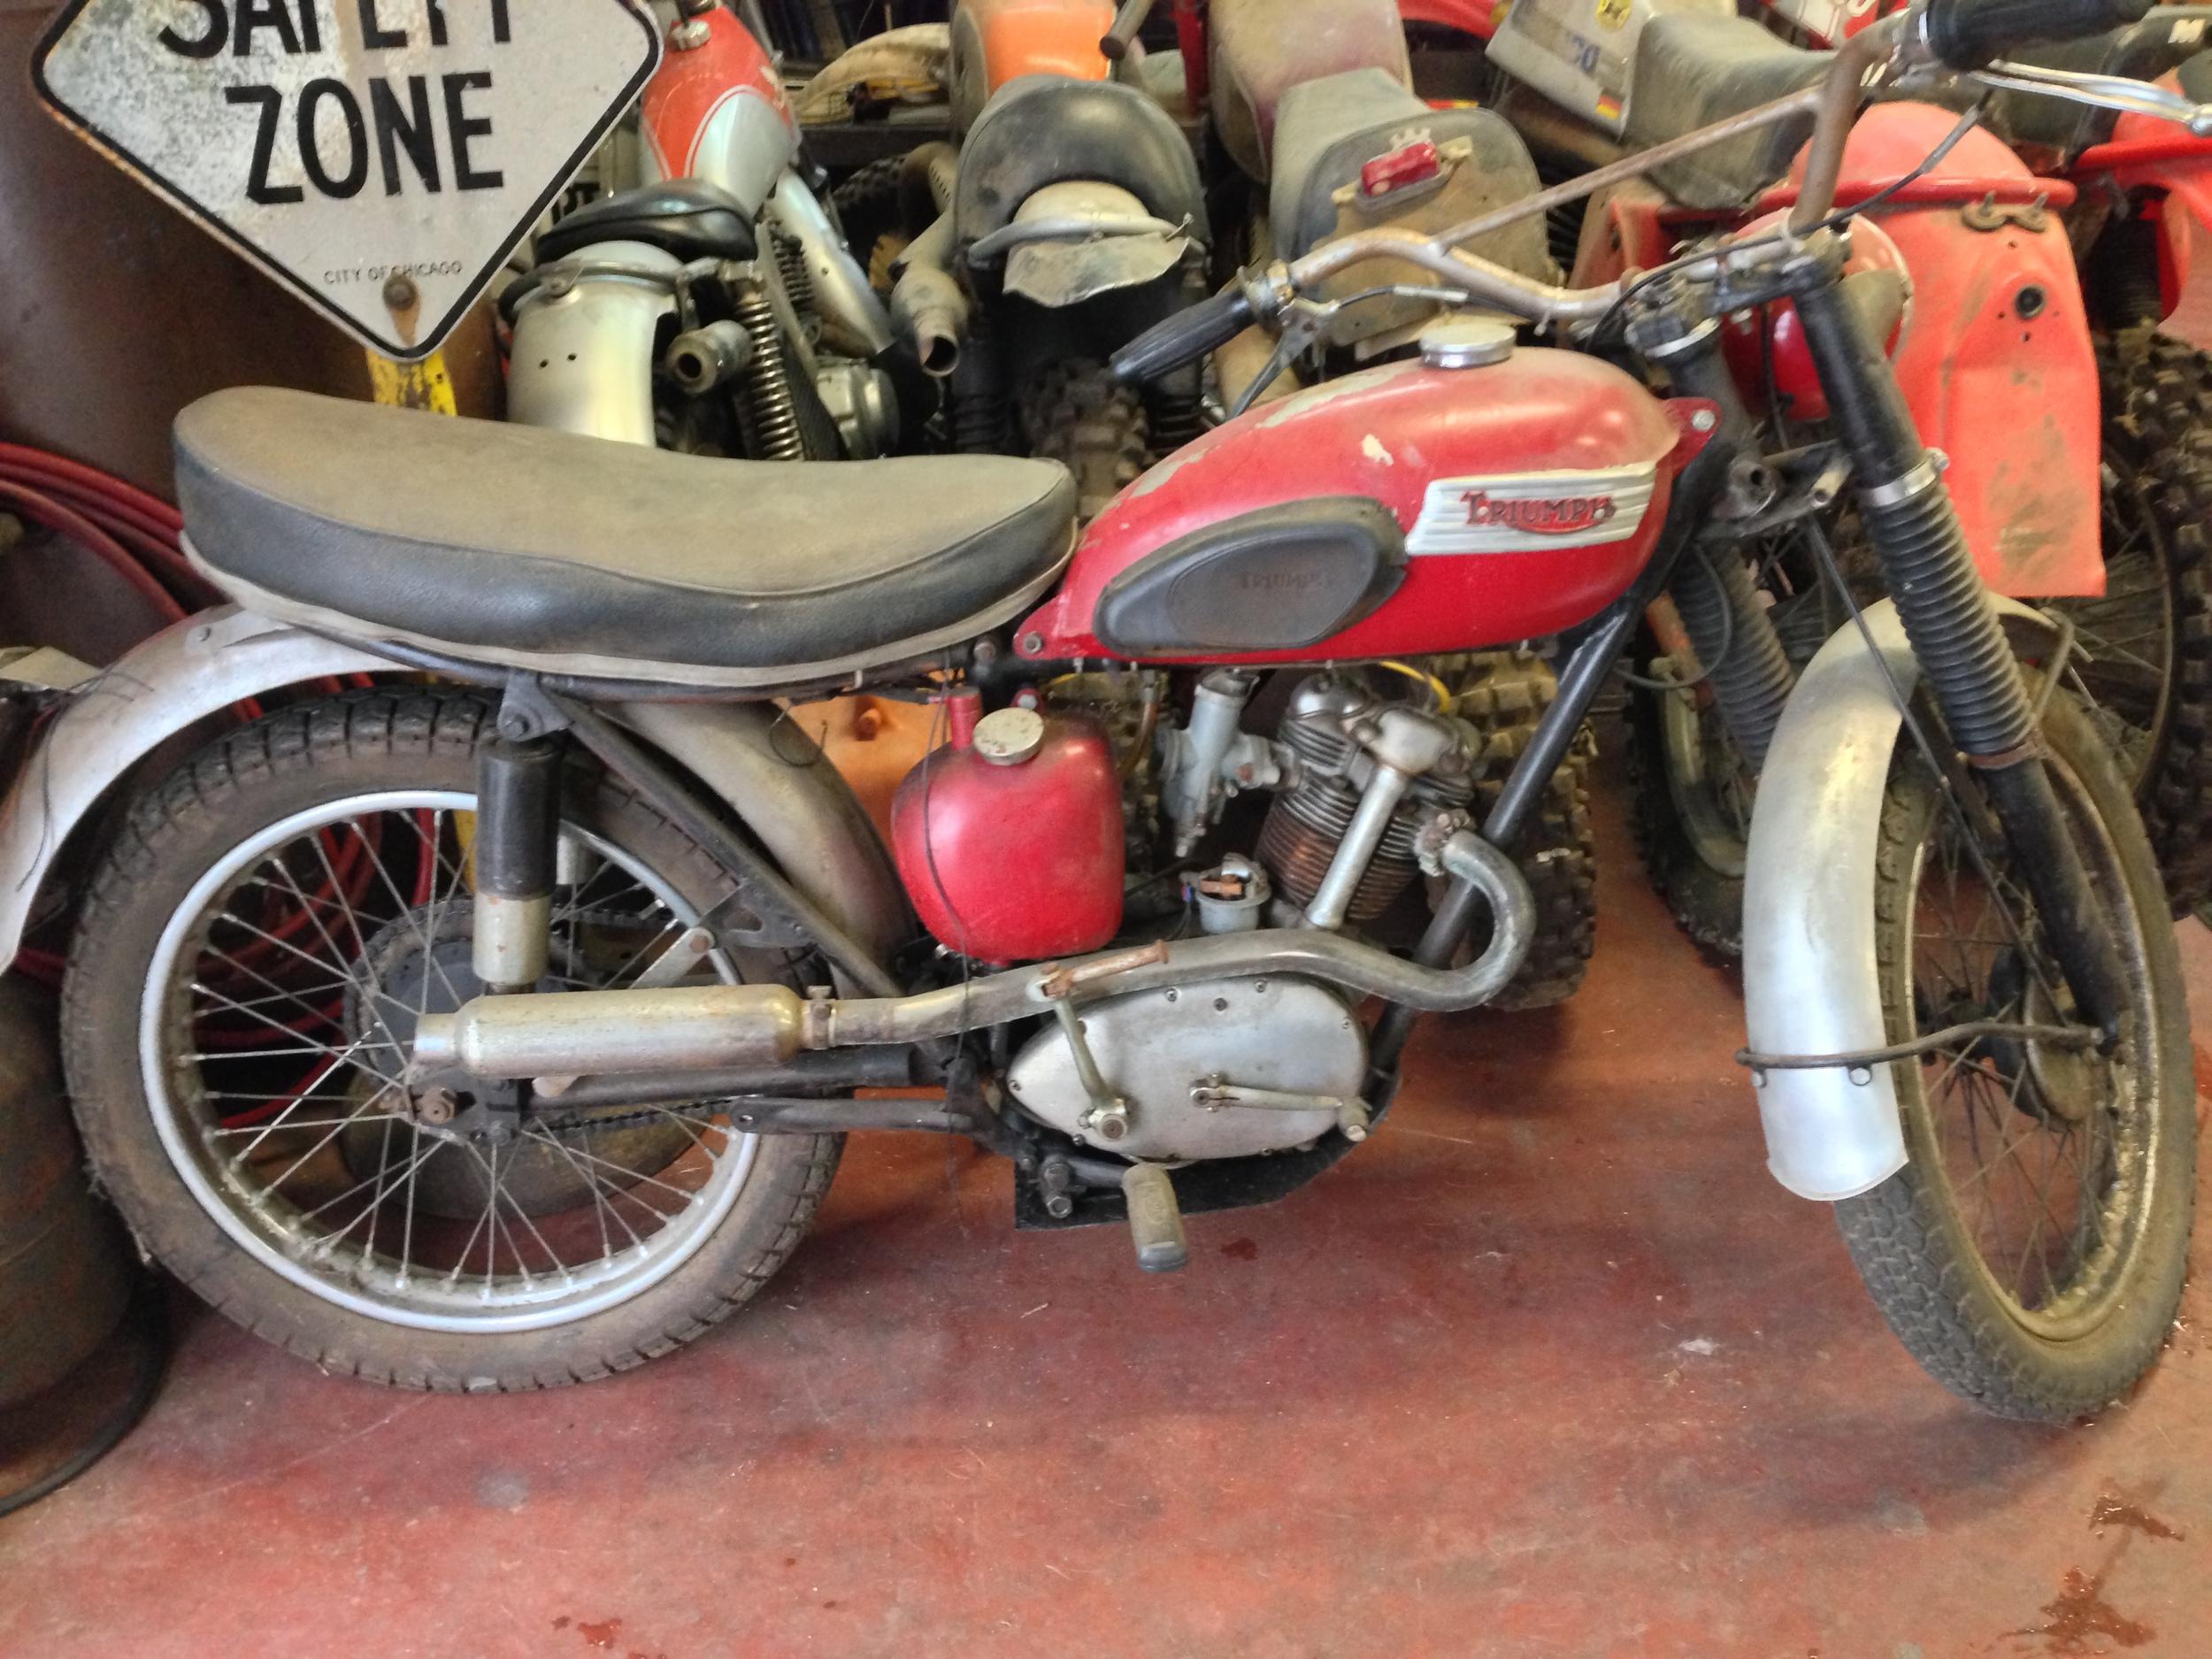 1959 Triumph Cub